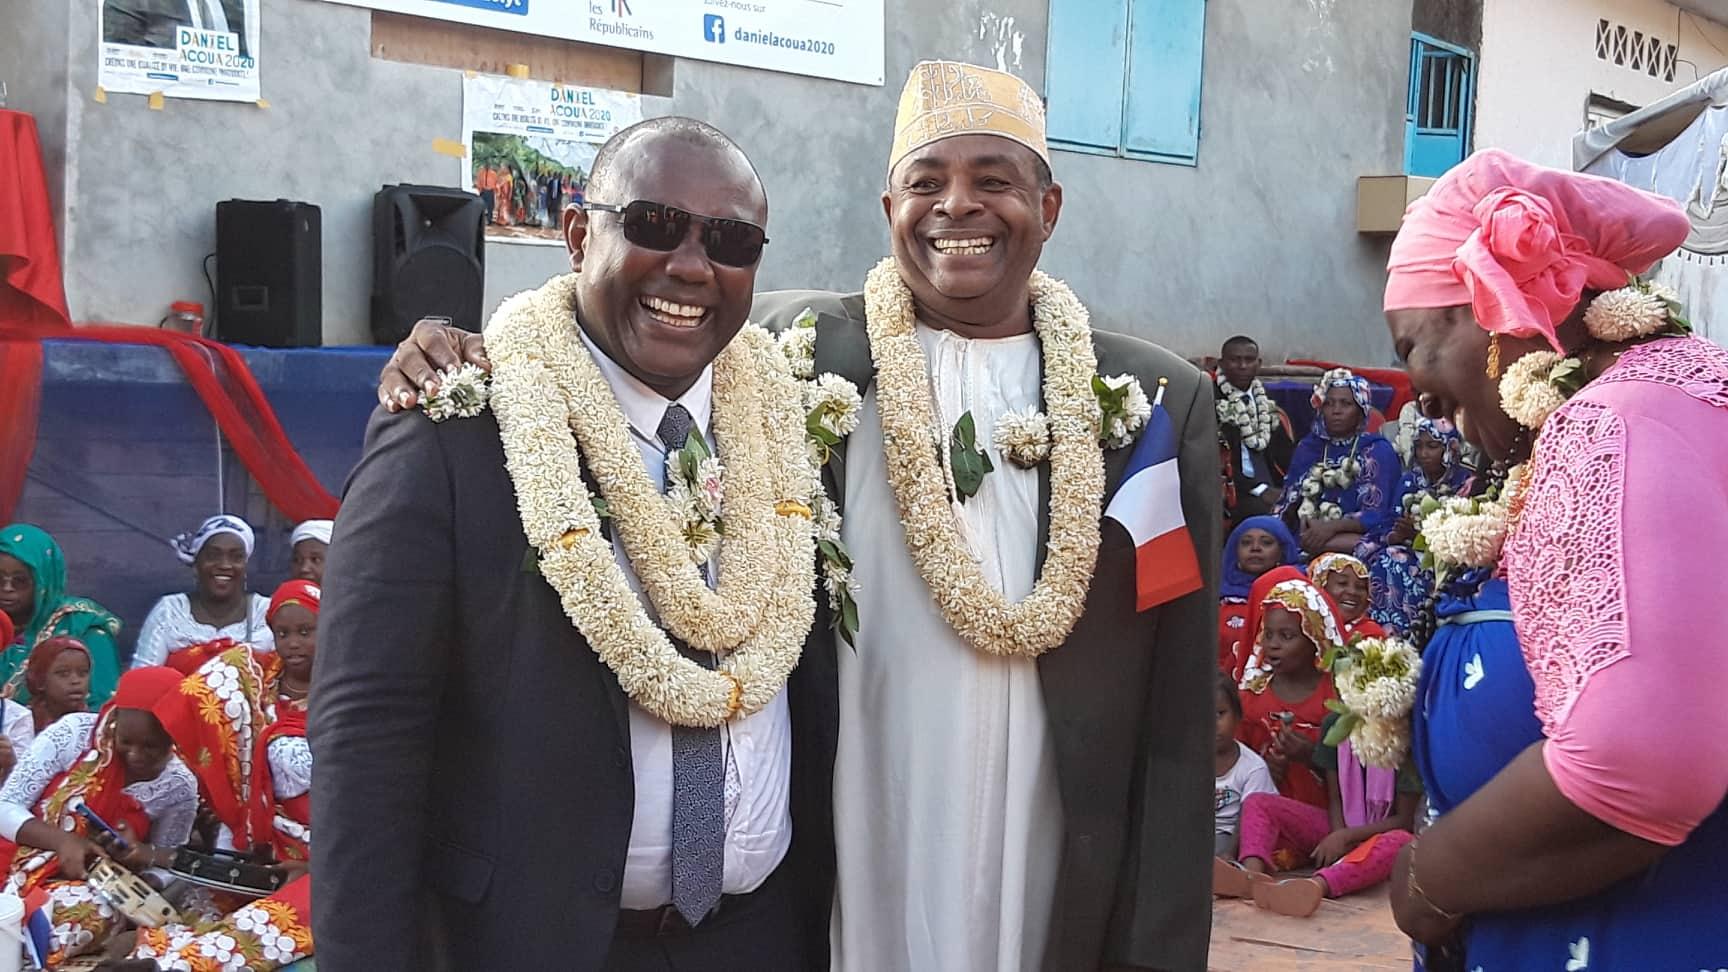 LR en meeting officiel à Acoua, 15 février 2020